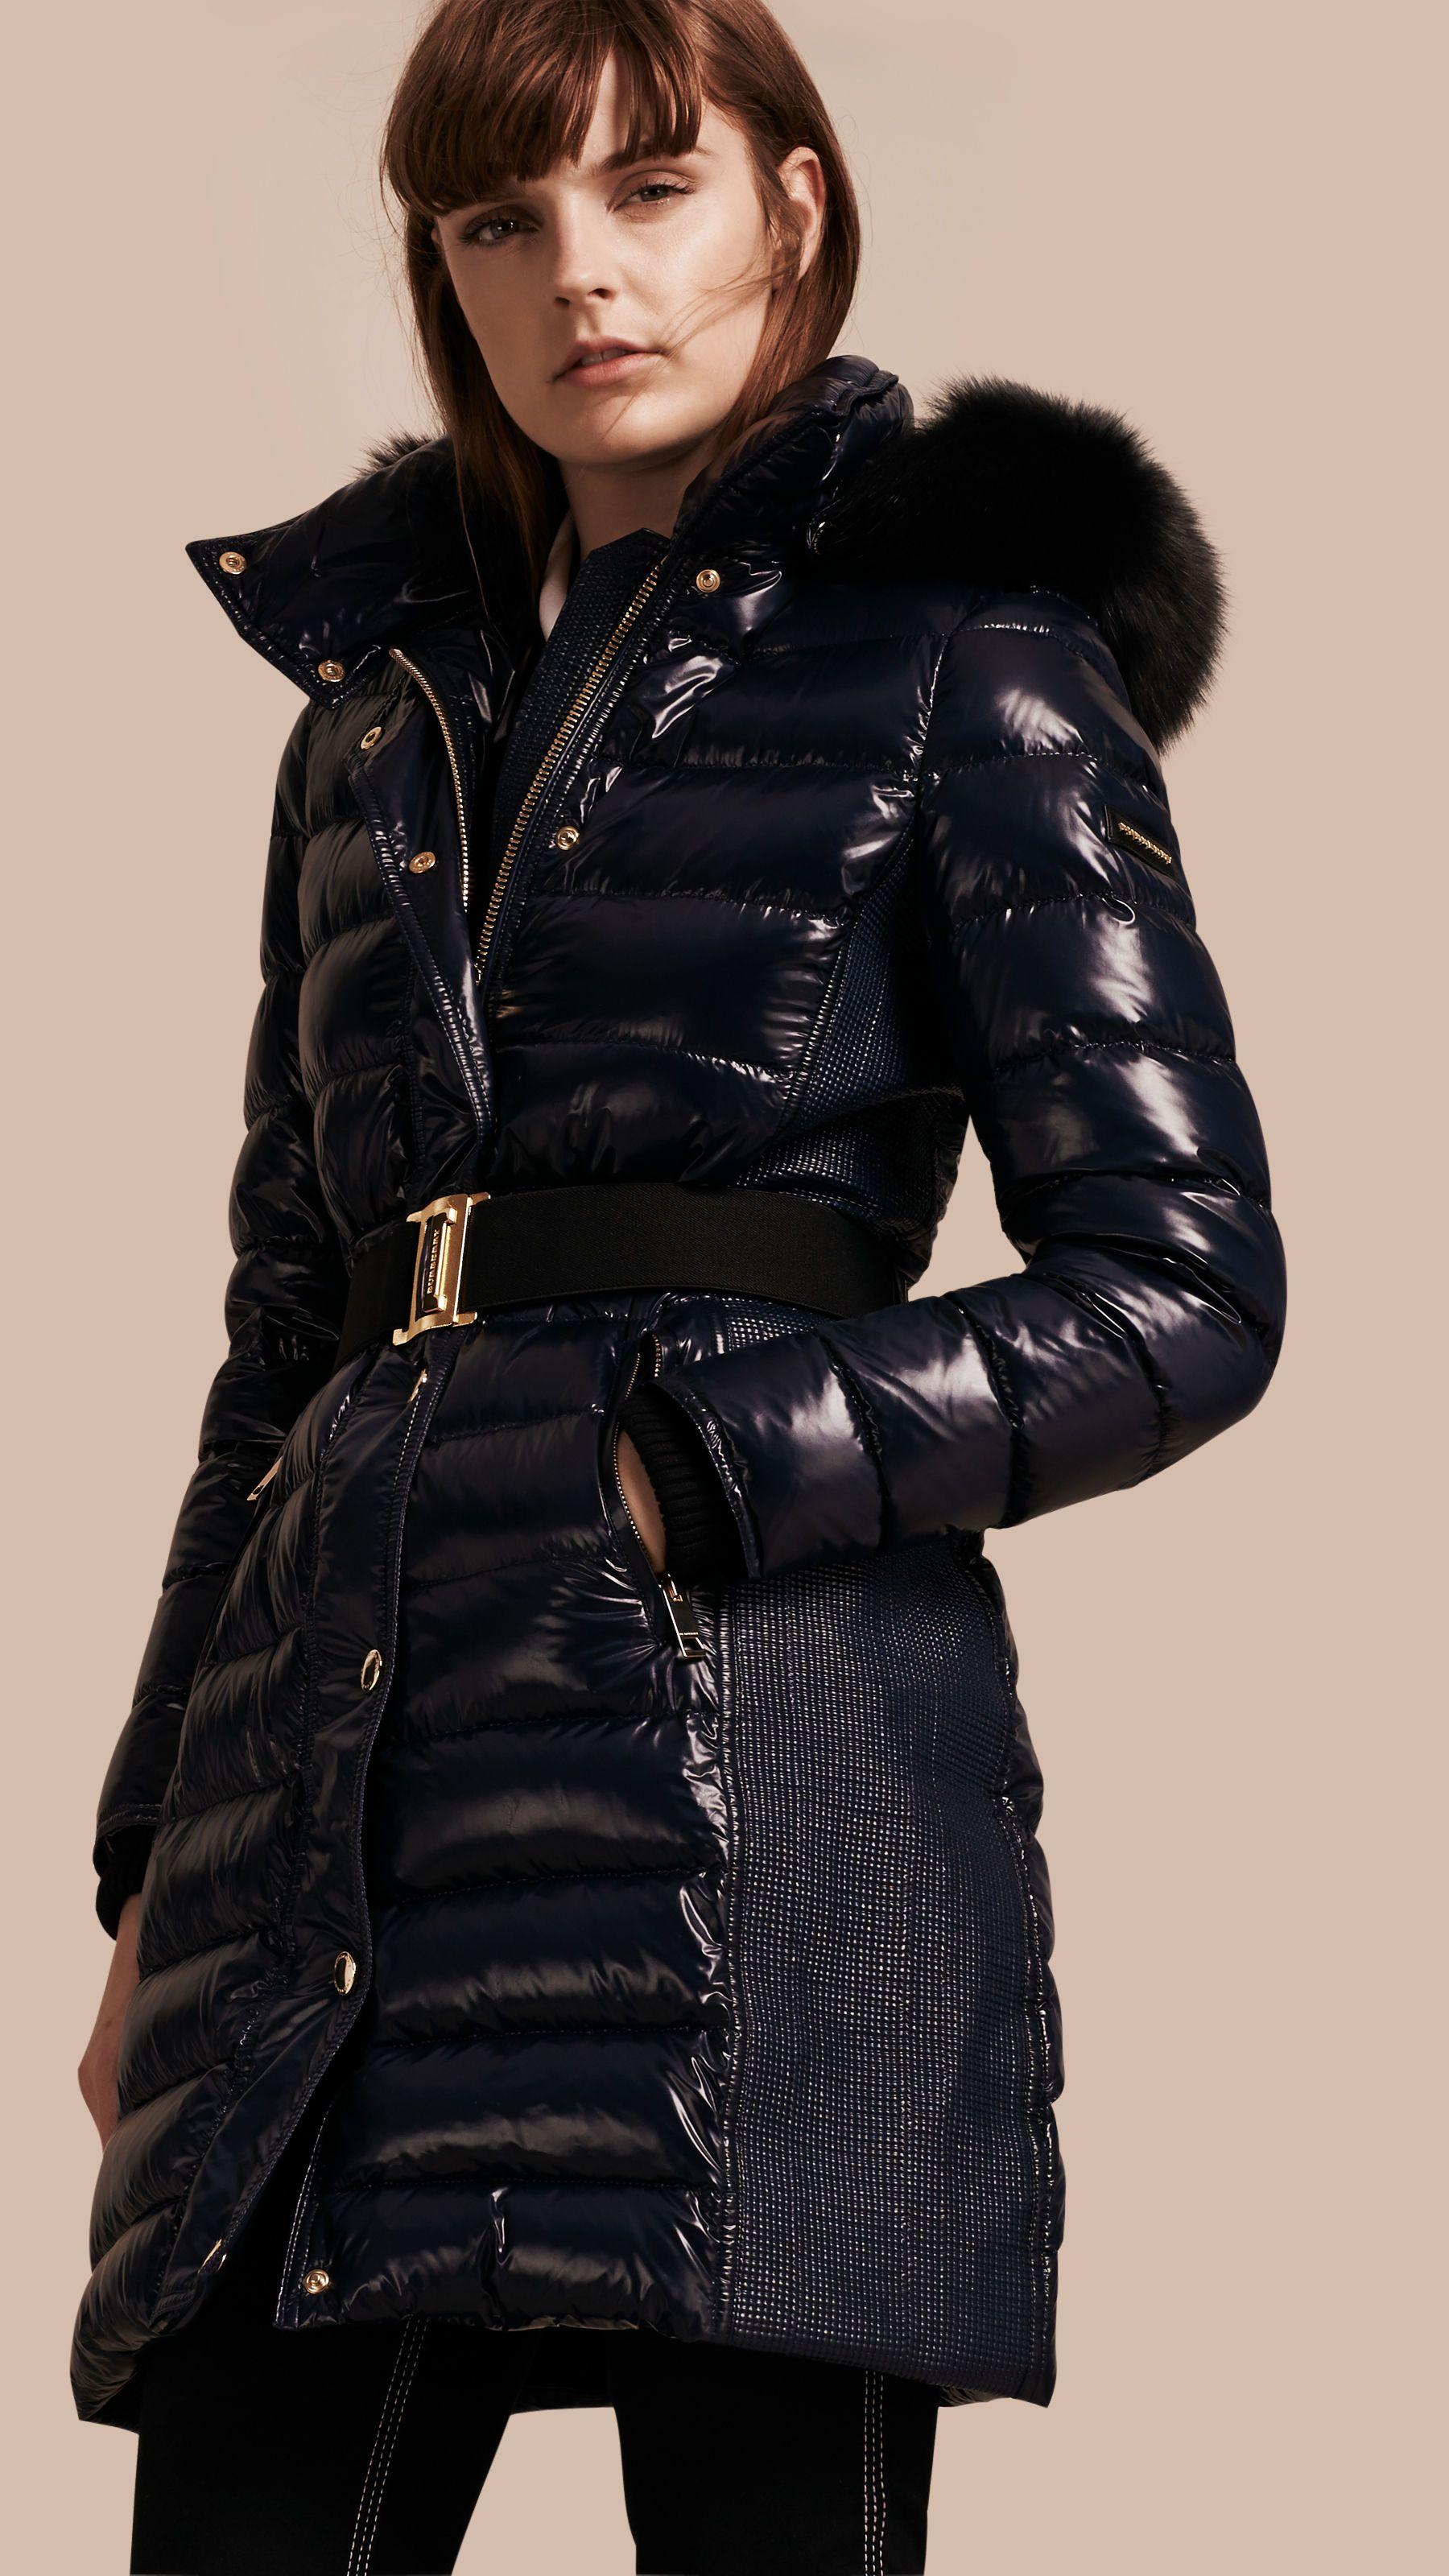 1ded32185a1 Manteau rembourré en duvet à capuche amovible bordée de fourrure Marine